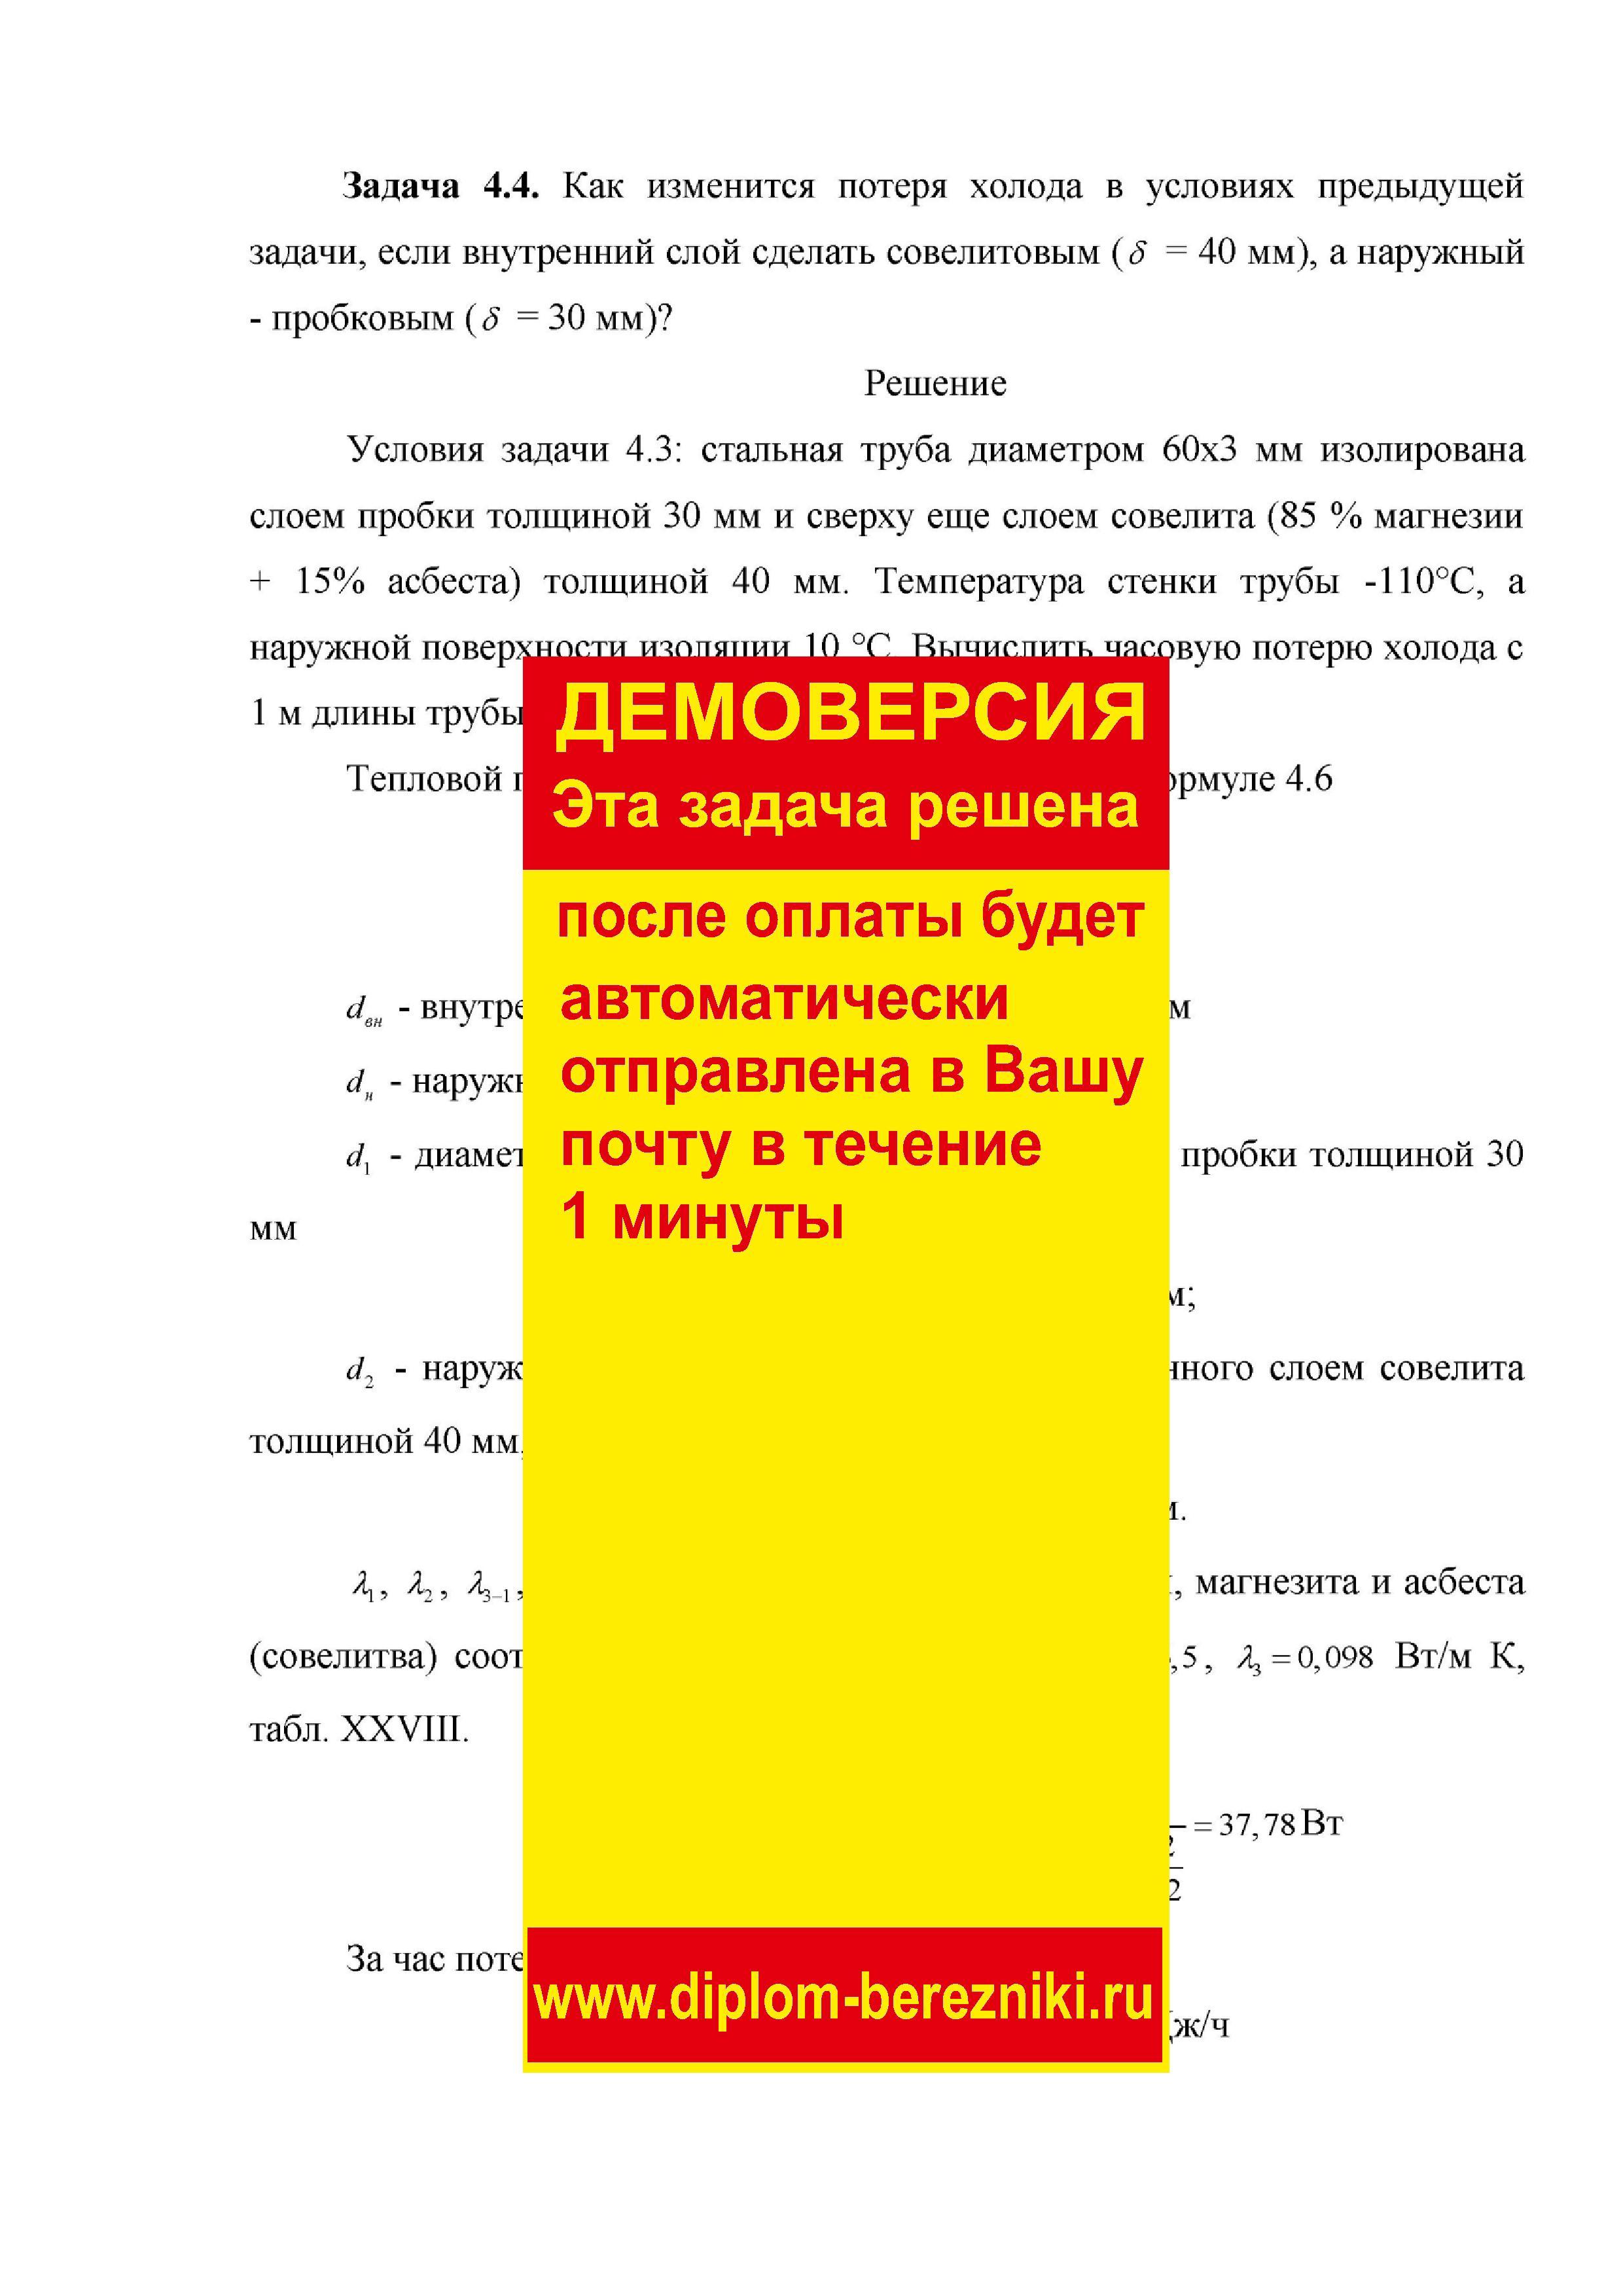 Решение задачи 4.4 по ПАХТ из задачника Павлова Романкова Носкова